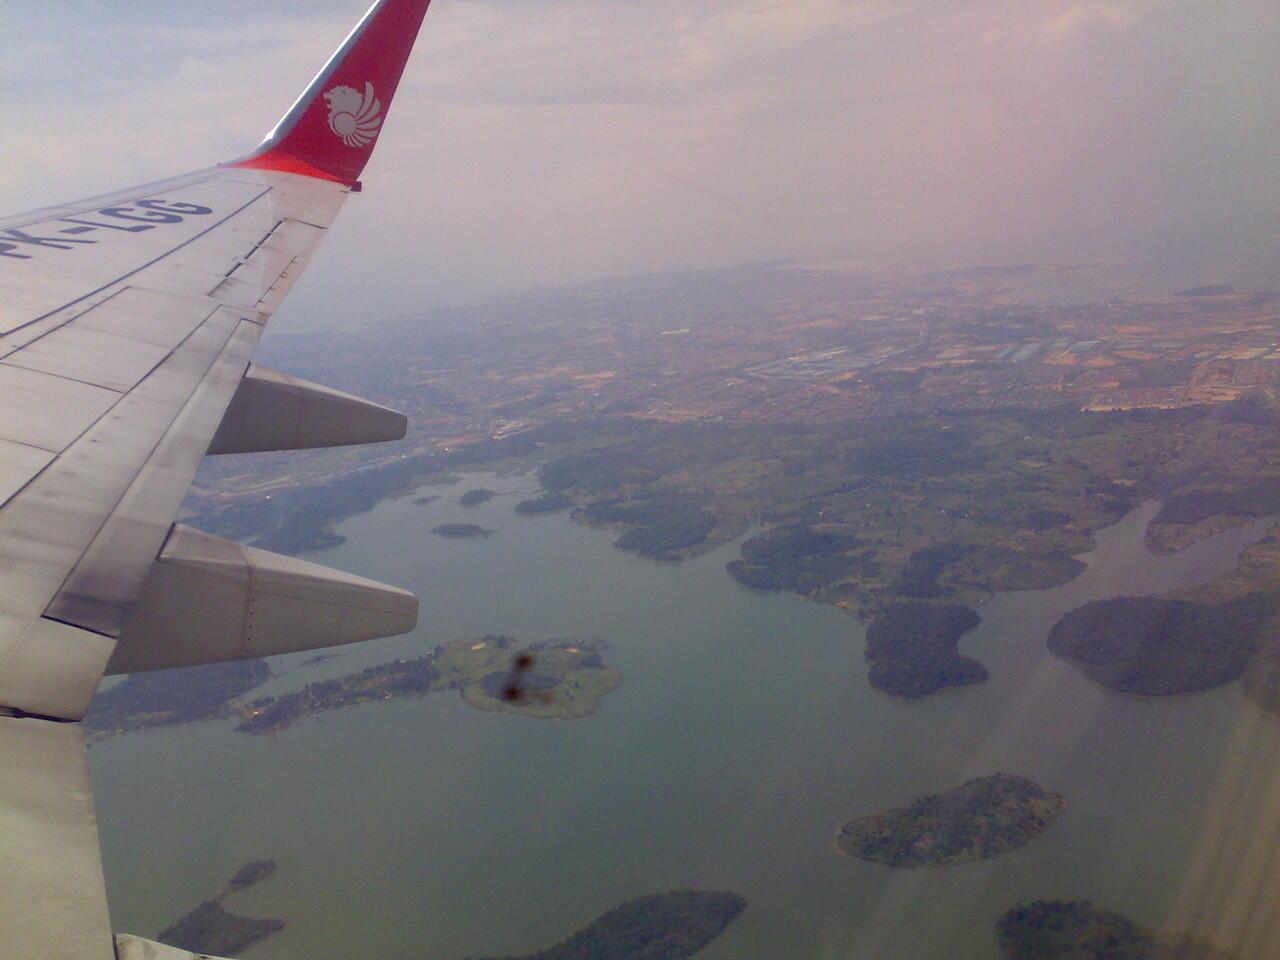 Dunia dari Jendela Pesawat